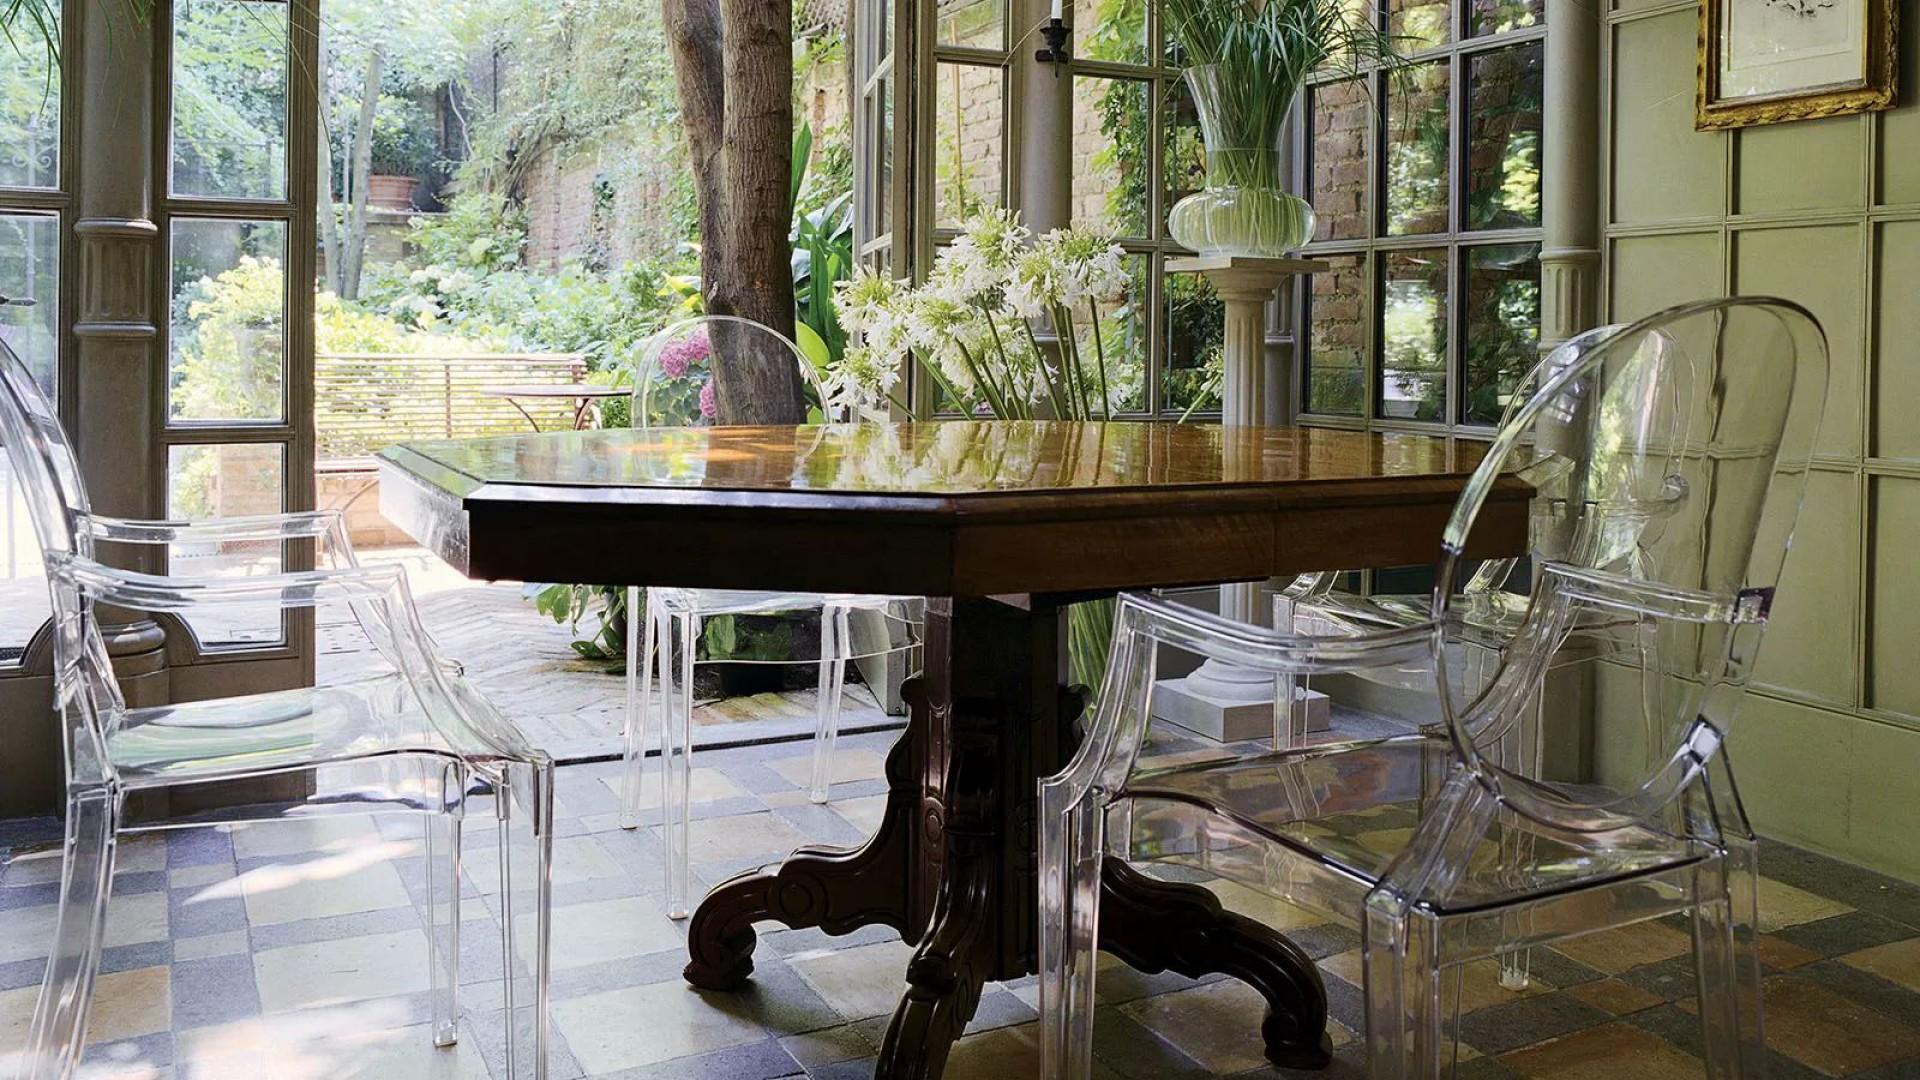 Krzesła z serii Louis Ghost firmy Kartell. Projekt: Philippe Starck. Fot. Kartell